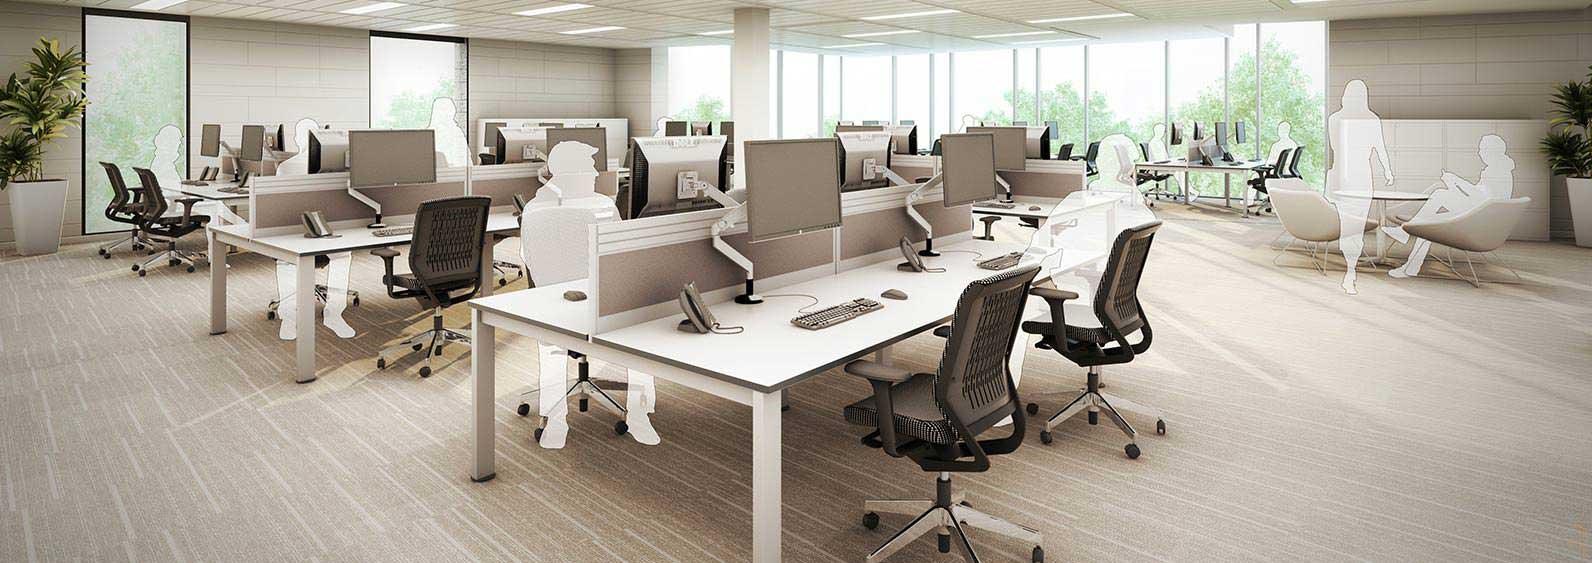 DiT-kantoorinrichting